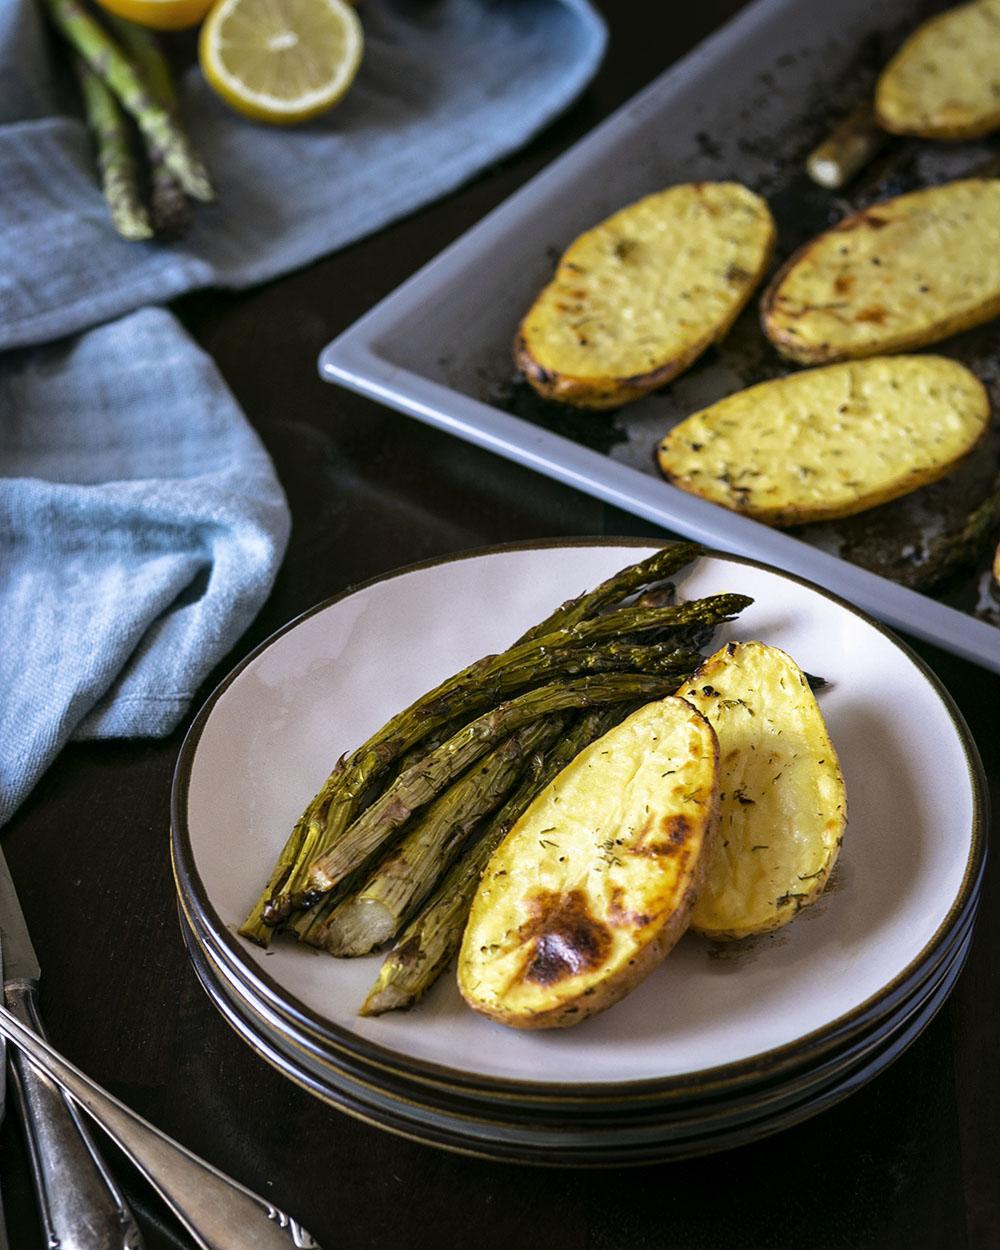 Saisonal kochen mit diesem veganen Rezept für Spargel & Kartoffeln vom Blech